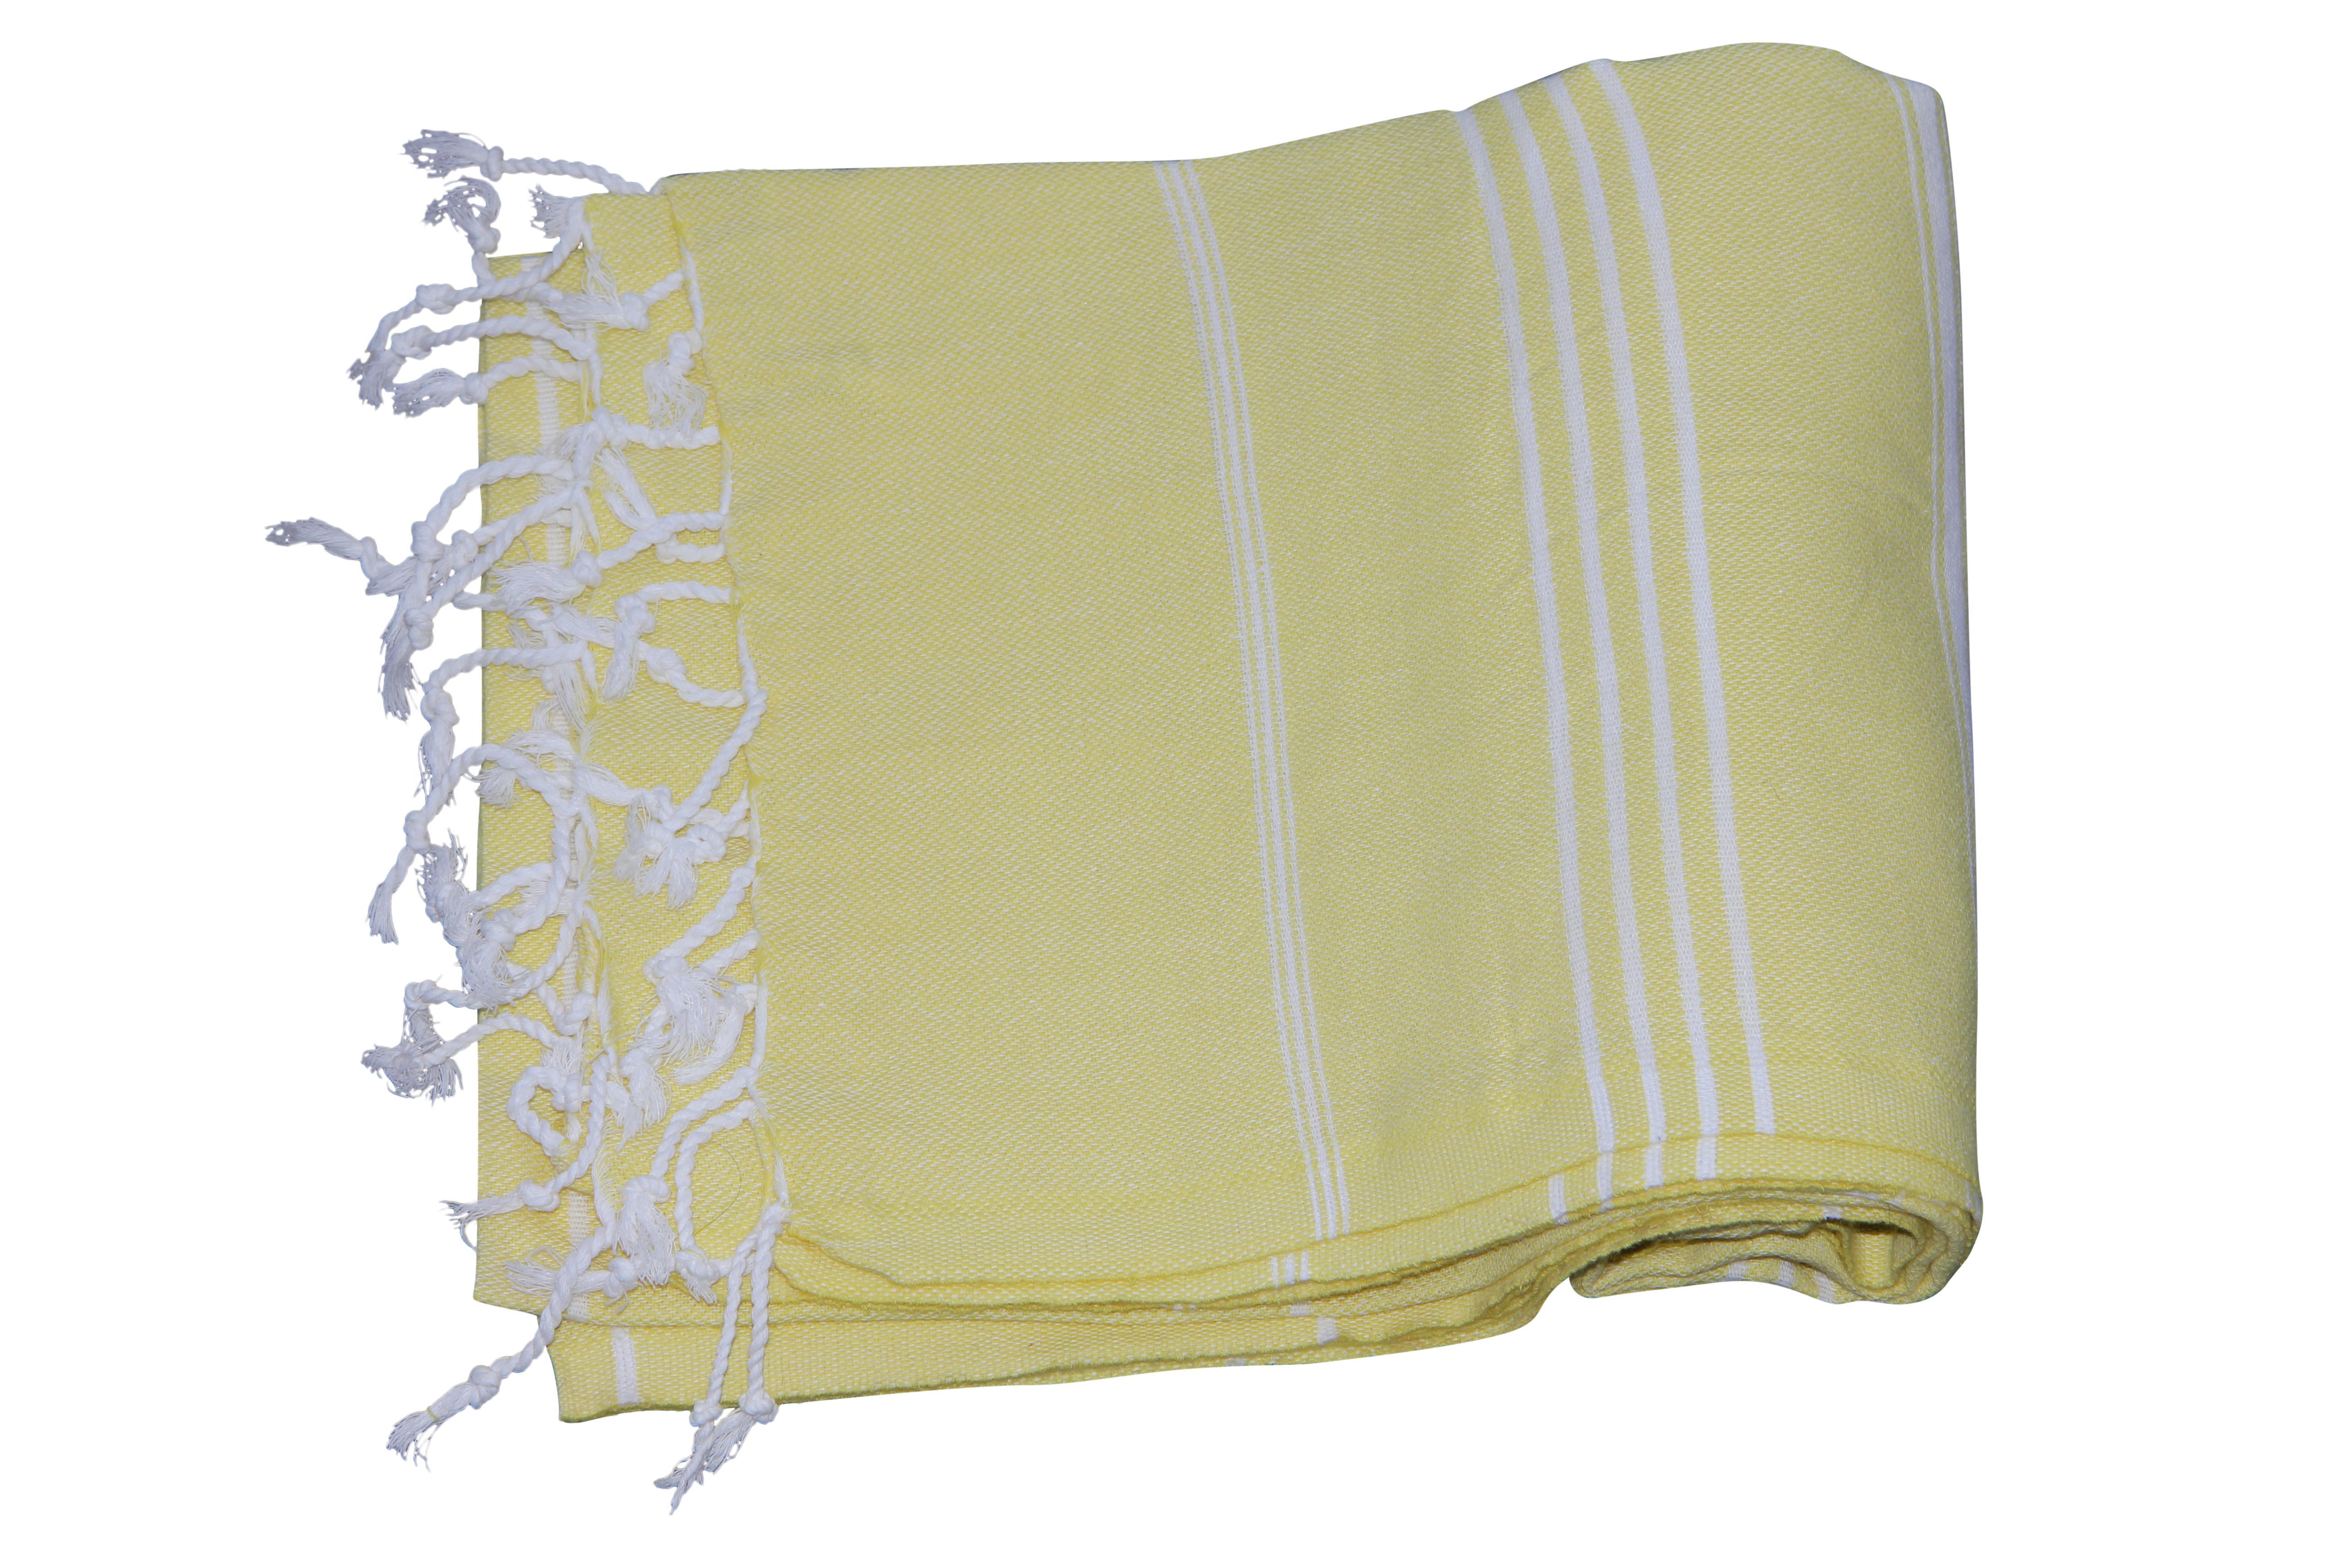 Hamamdoek, zacht geel, 100% katoen 180cm x 100cm  100% geweven katoenen handdoek. Ideaal voor strand en onderweg. Tevens leuke cadeau tip!